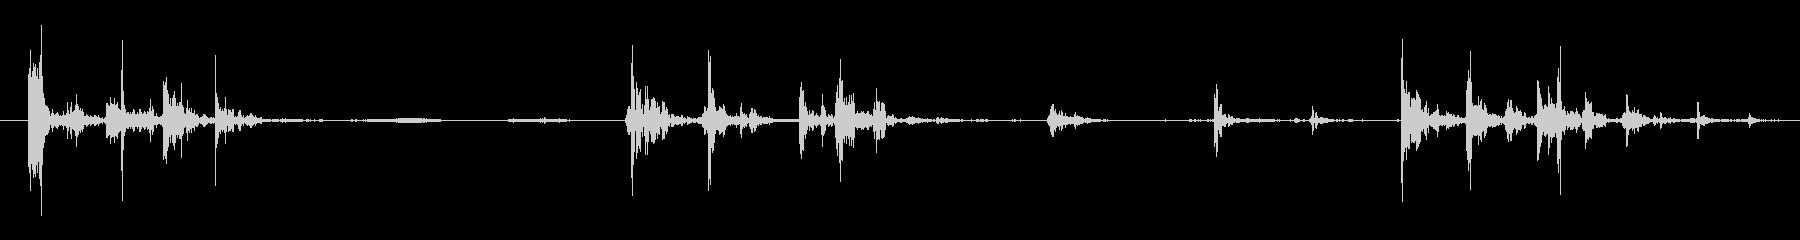 キャリッジ ハッチシーケンス02の未再生の波形